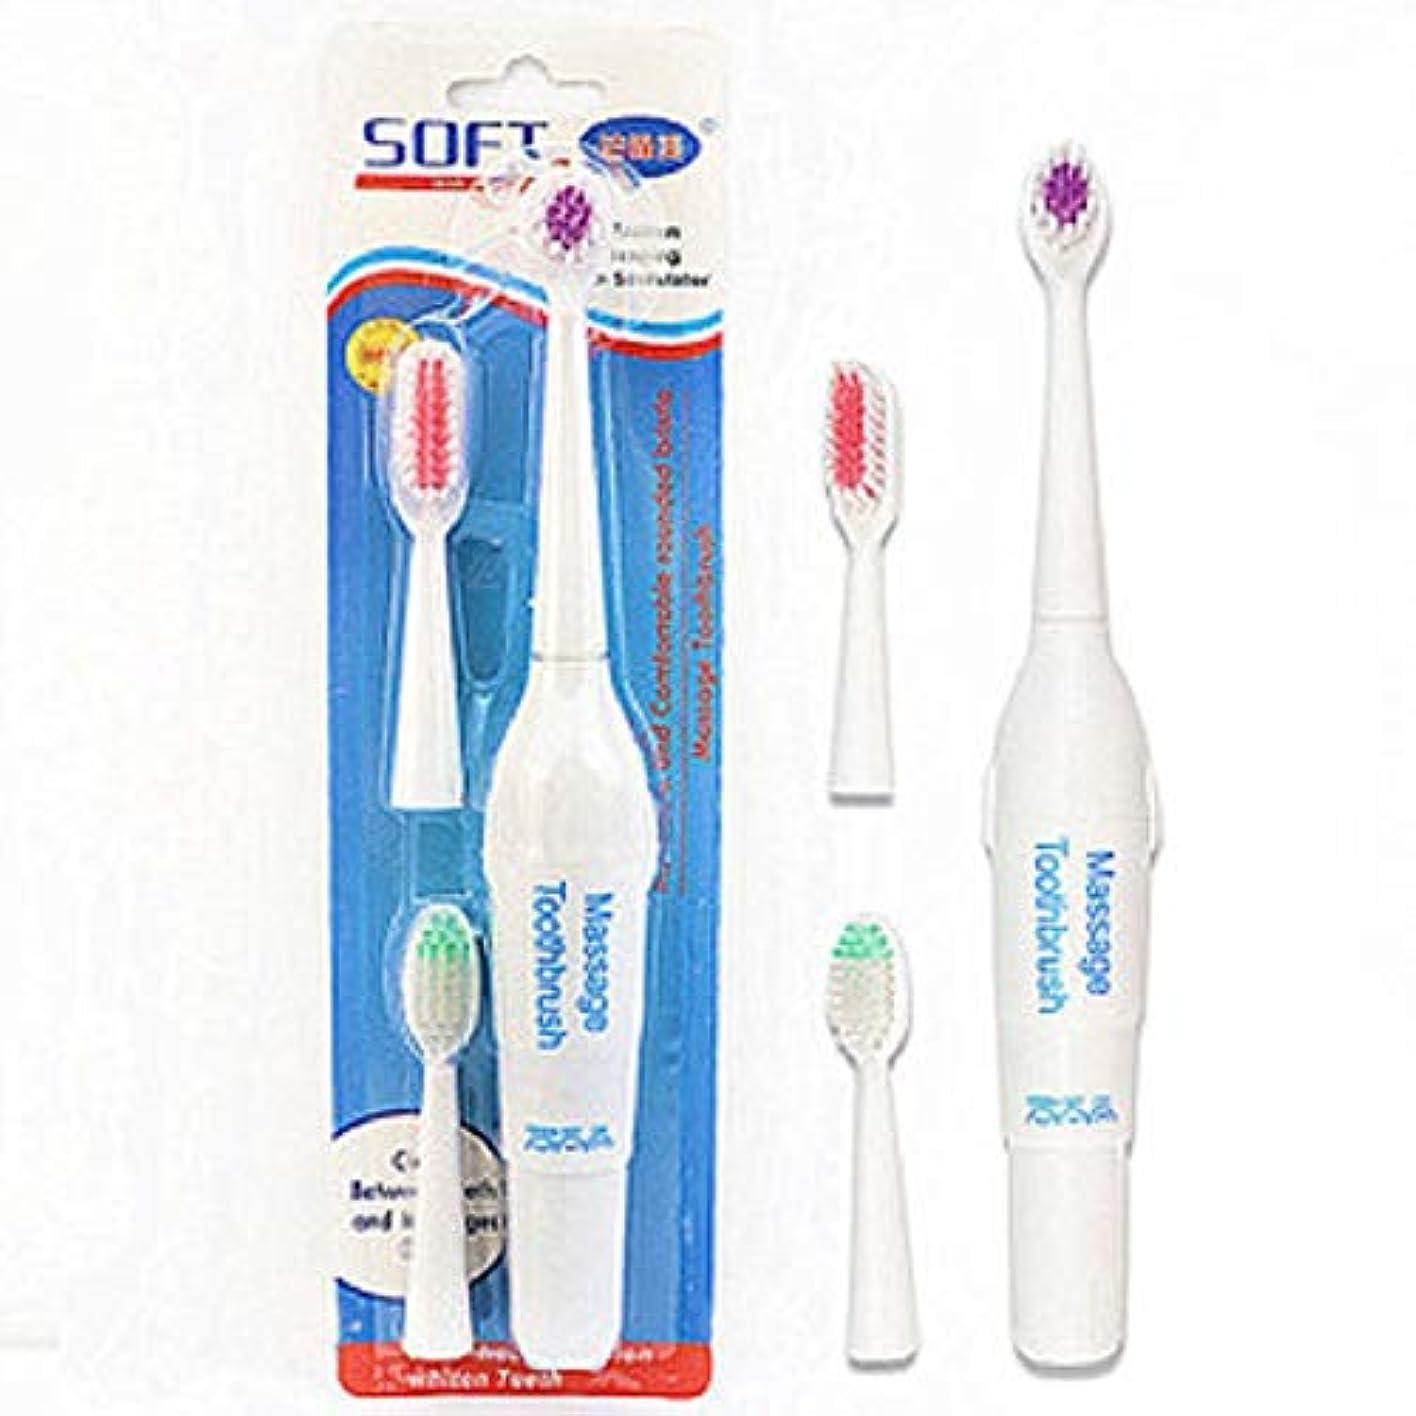 電気的散らす精緻化ペット電動歯ブラシ犬猫電動歯ブラシ、バッテリーなし(ハンドルフォントはランダムに3色で送信されます)(ホワイト)